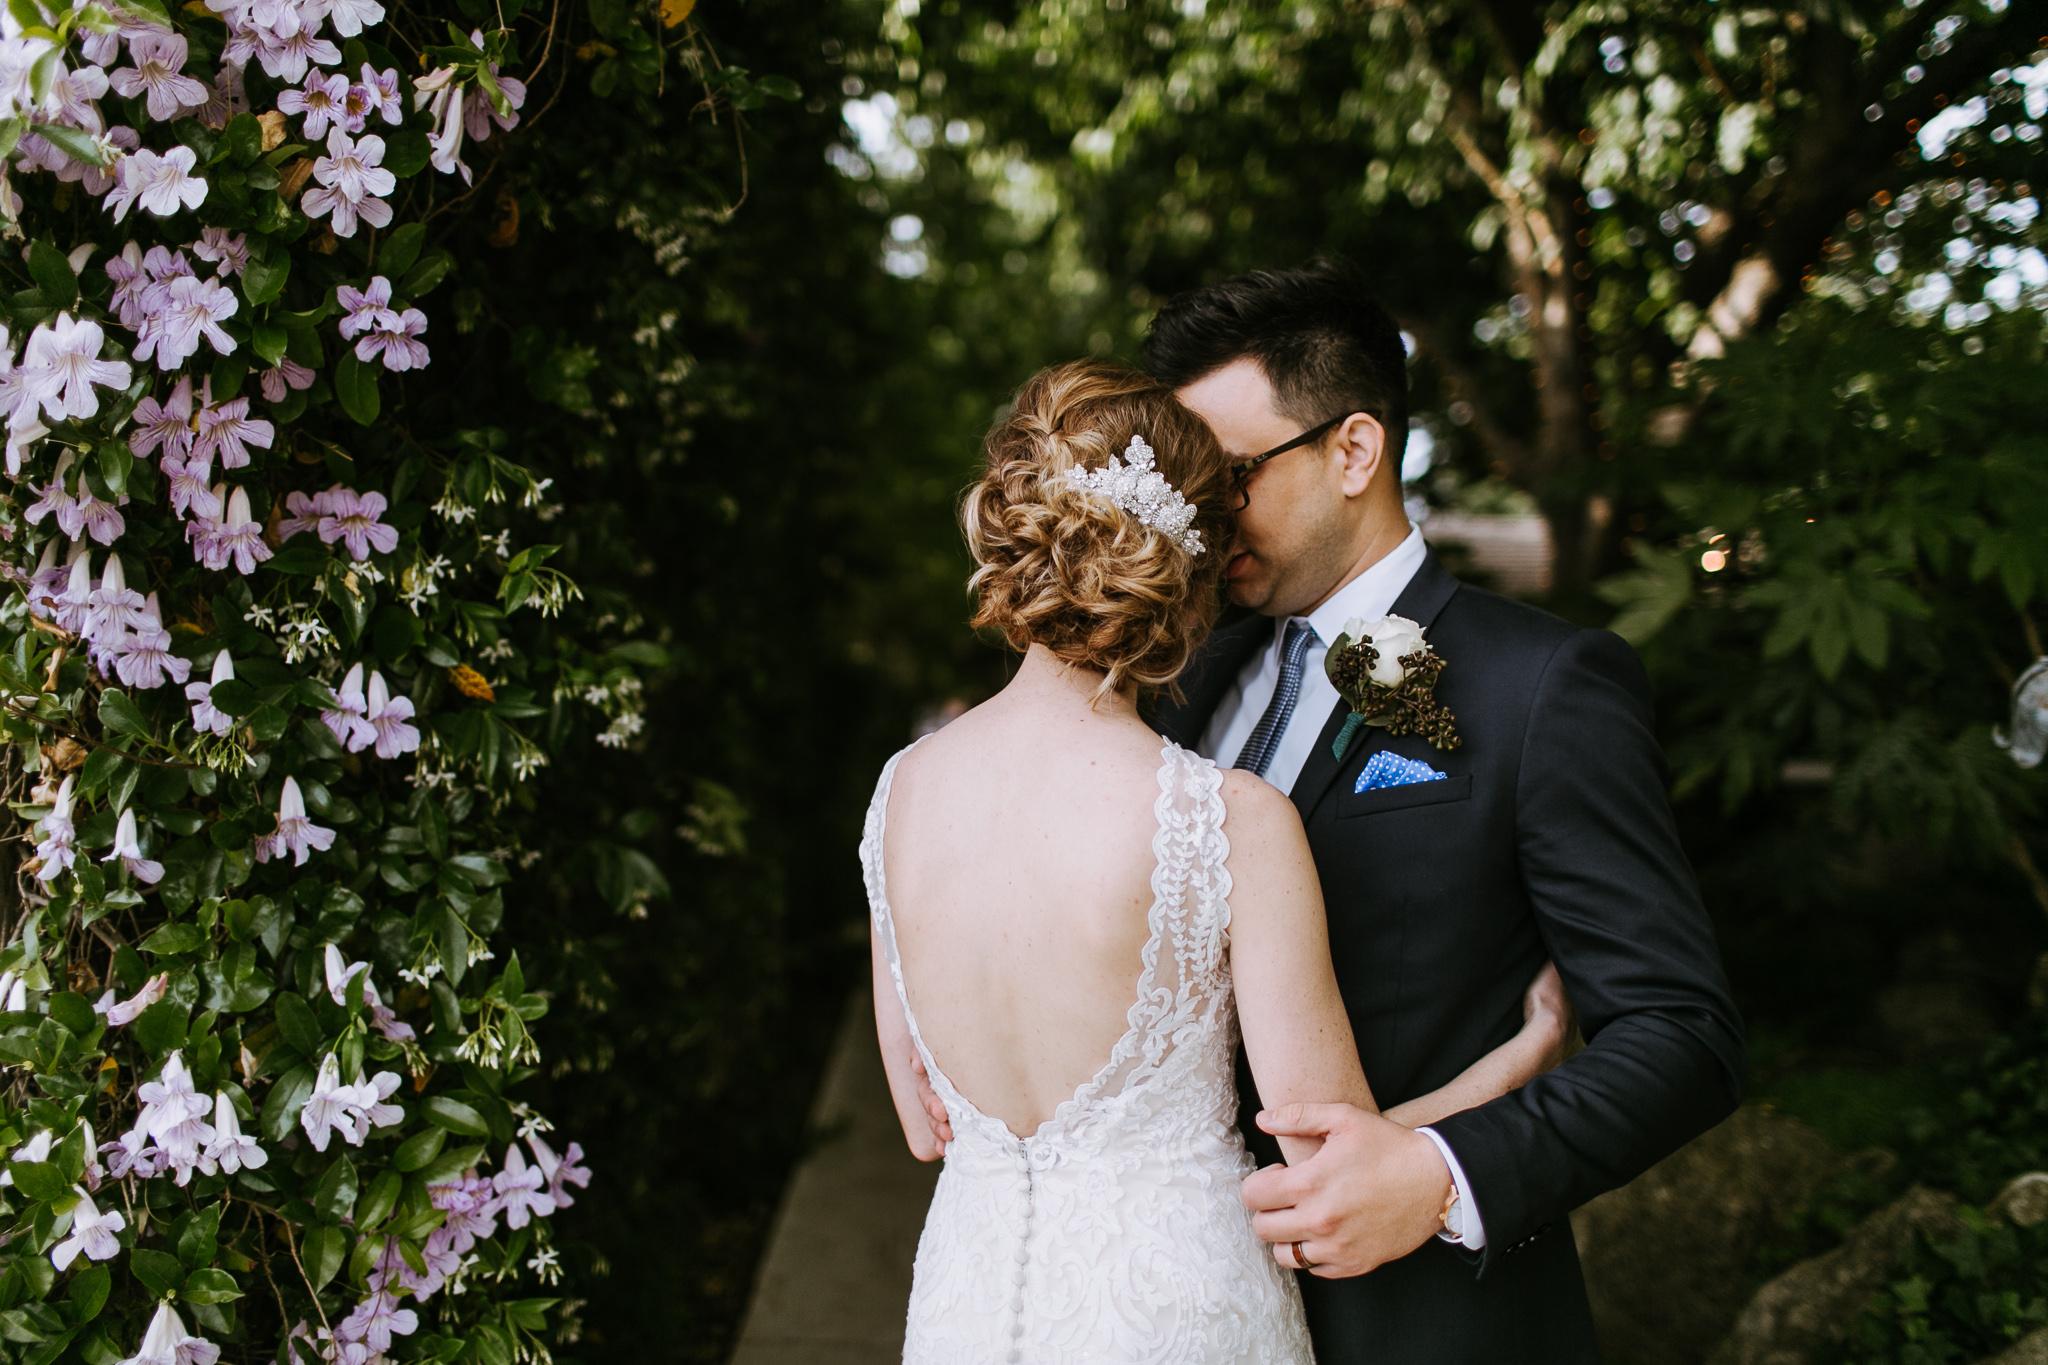 BayArea-Wedding-Photographer-52.jpg